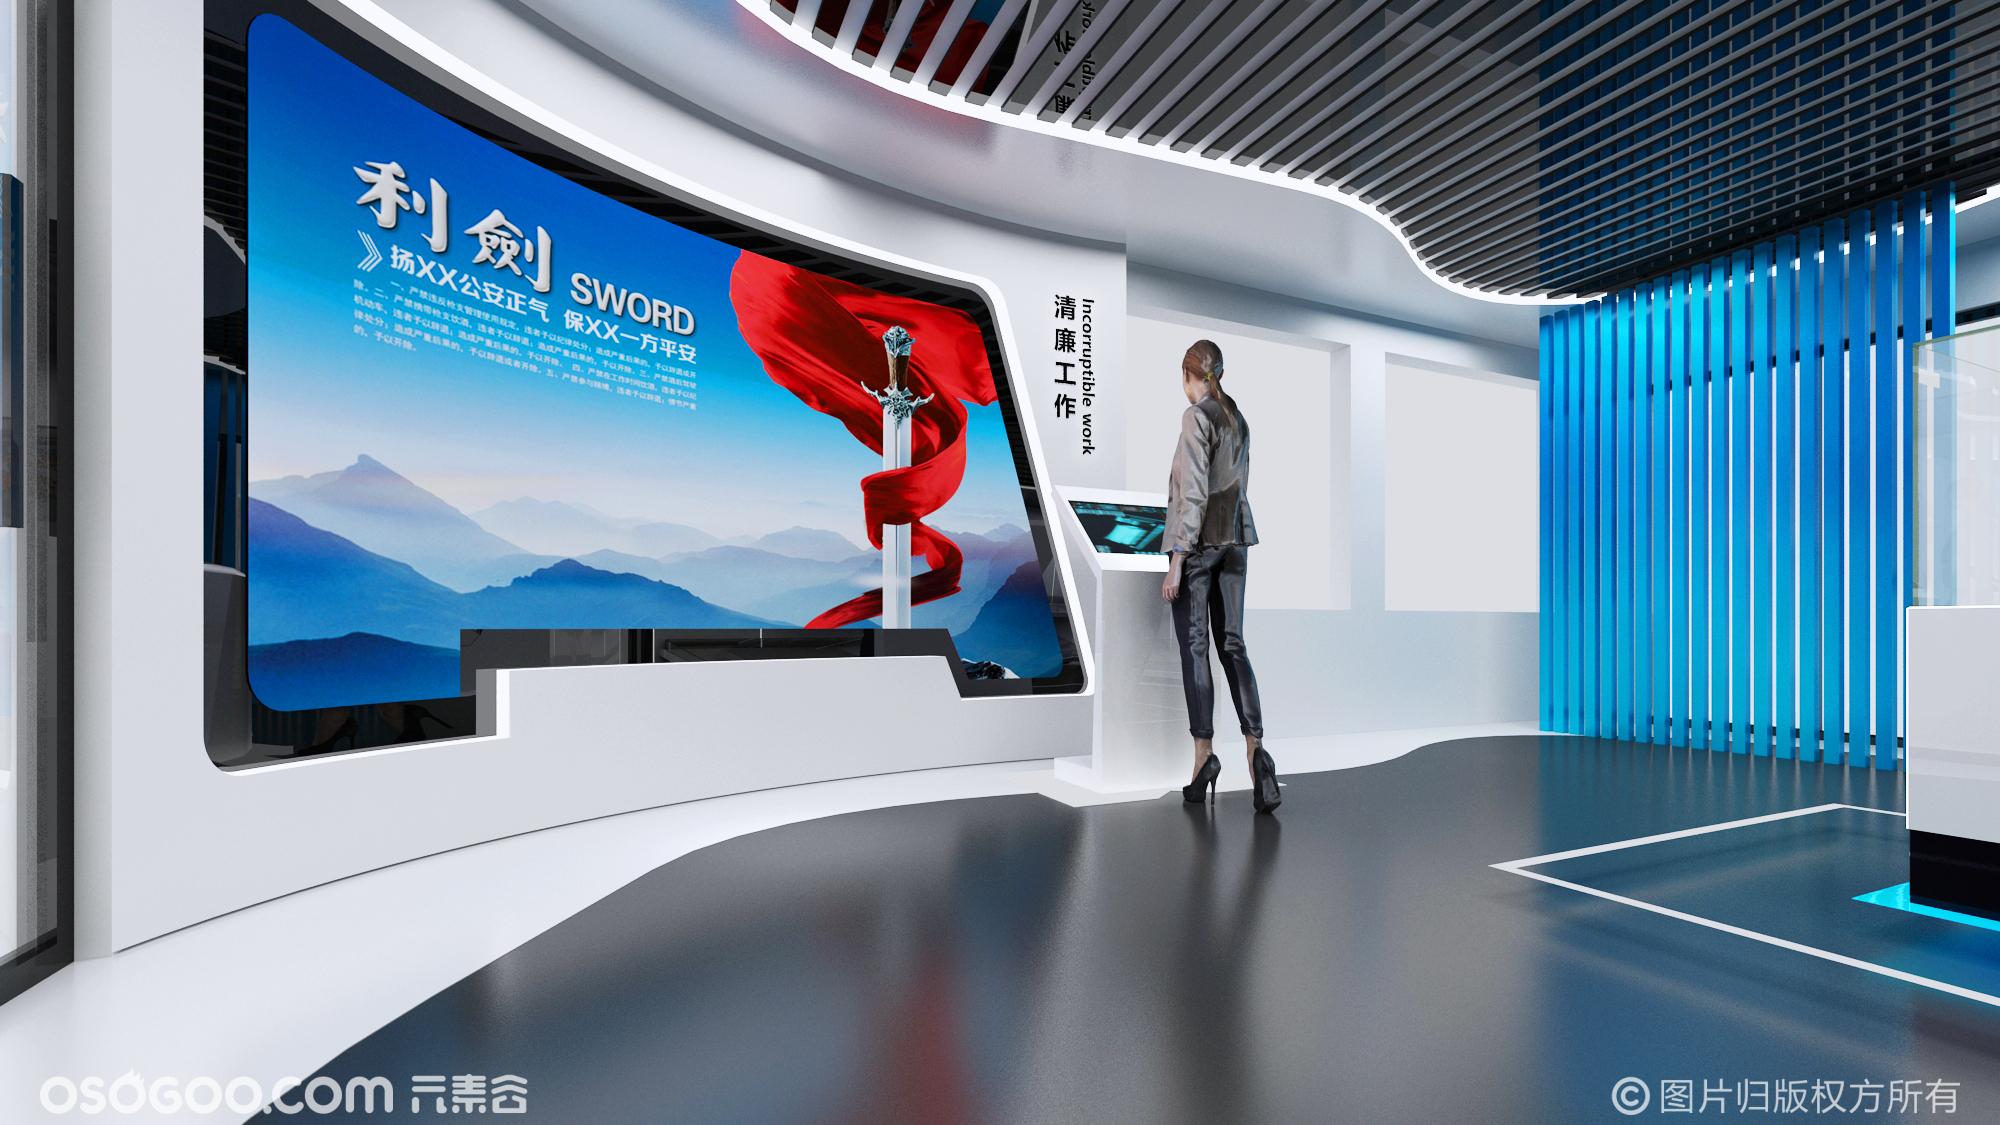 派出所展厅展馆文化墙荣誉室活动室3d效果图设计制作